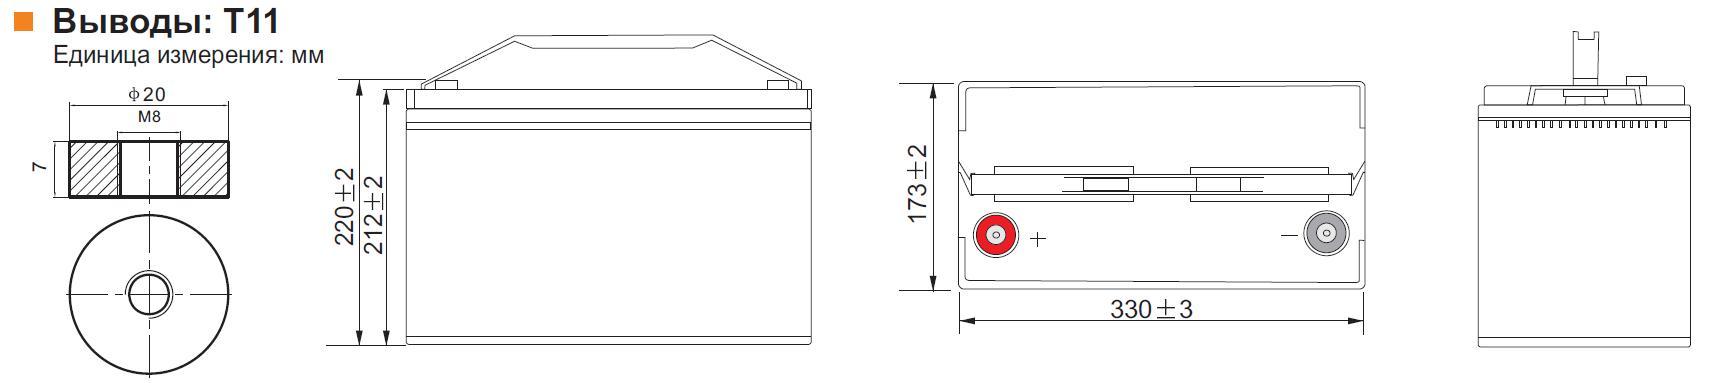 Габариты и тип клемм аккумулятора Leoch DJM 12100